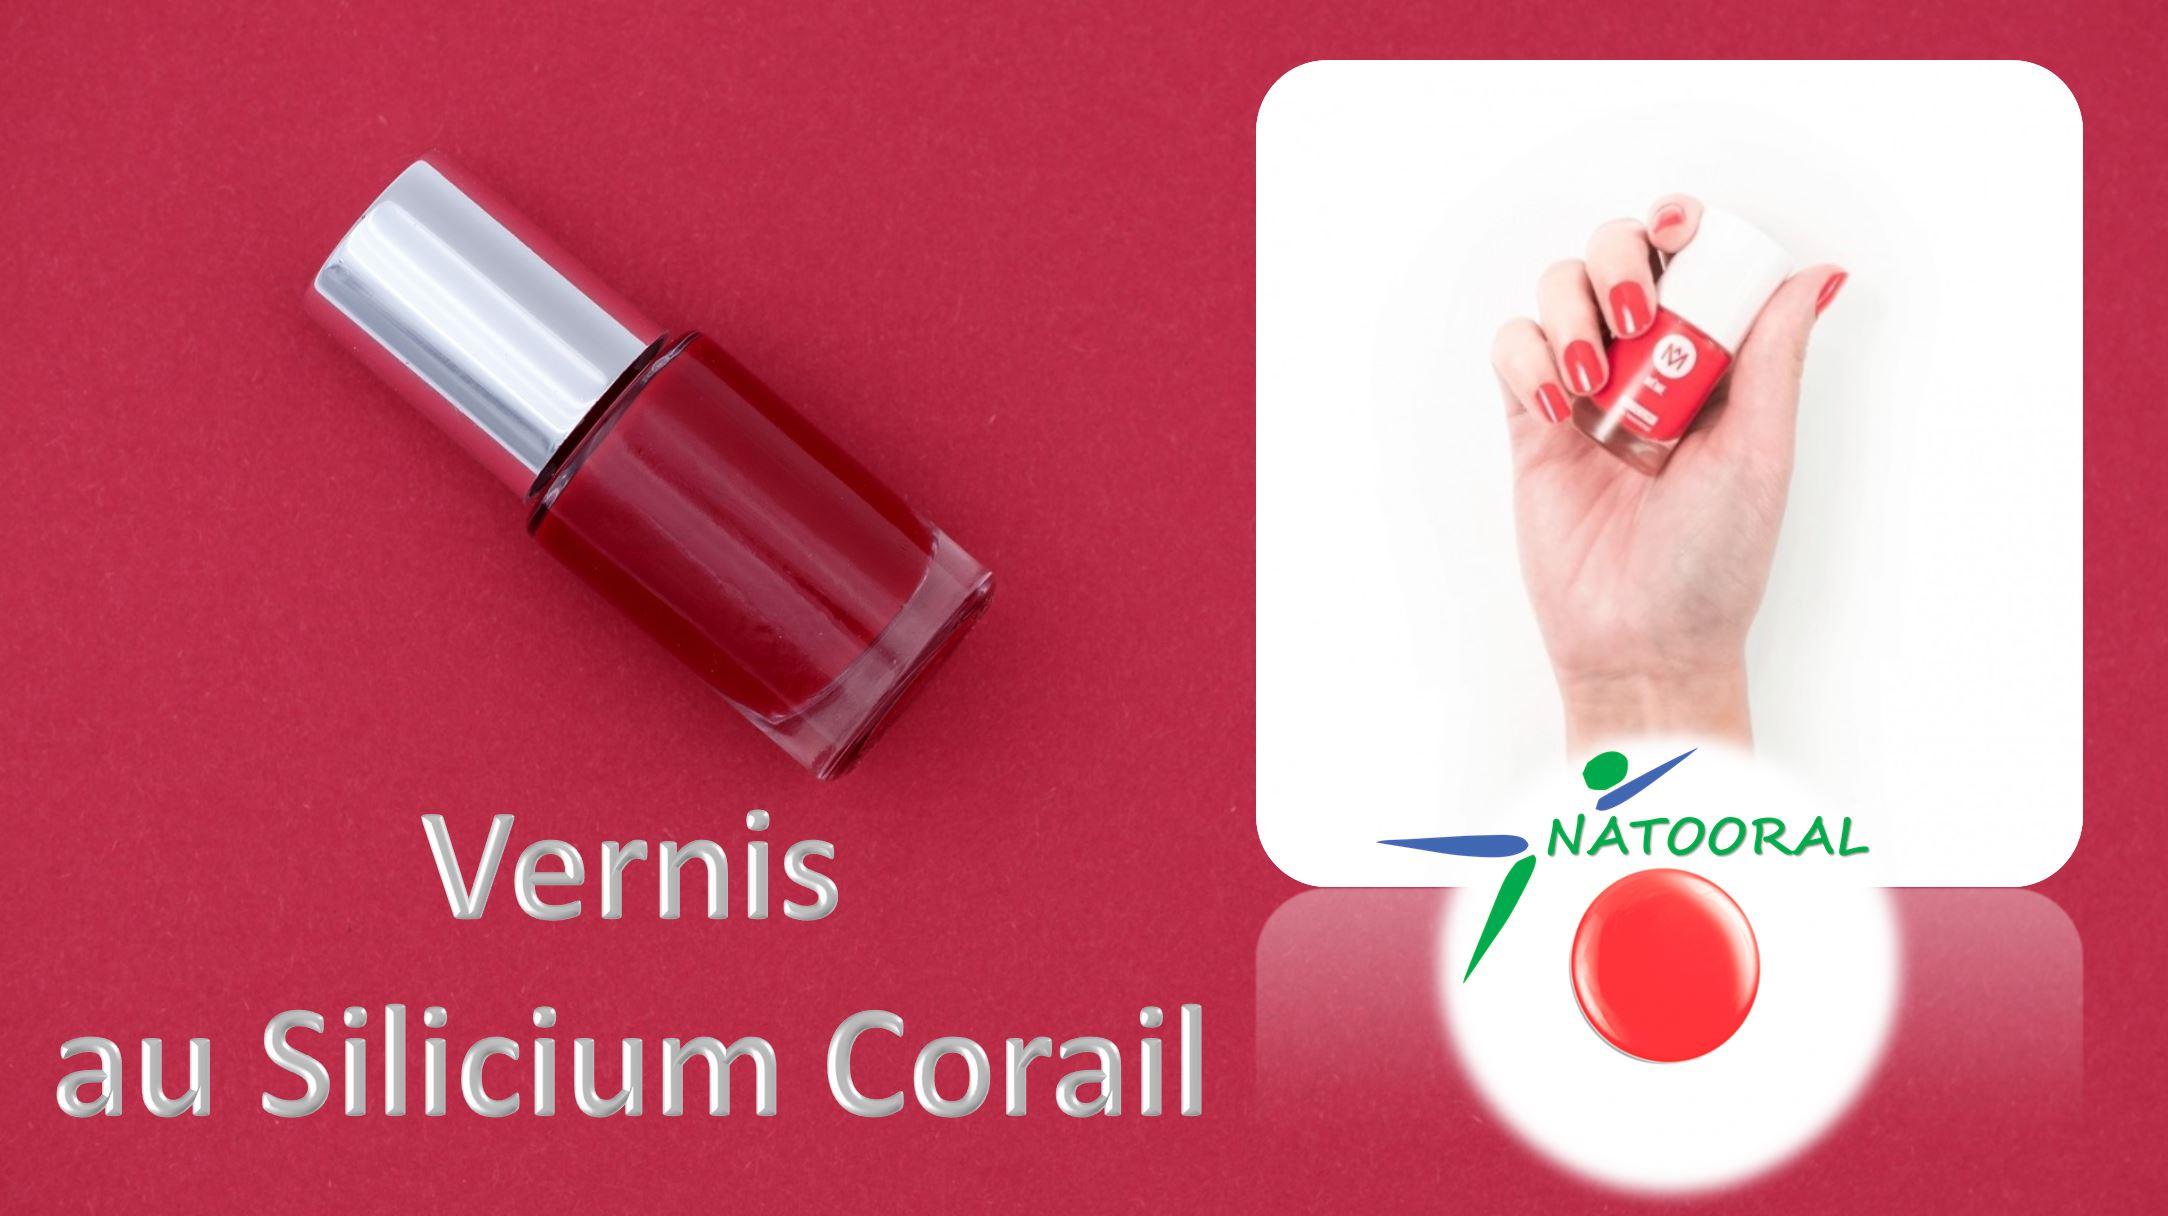 Ongles Vernis au Silicium Corail